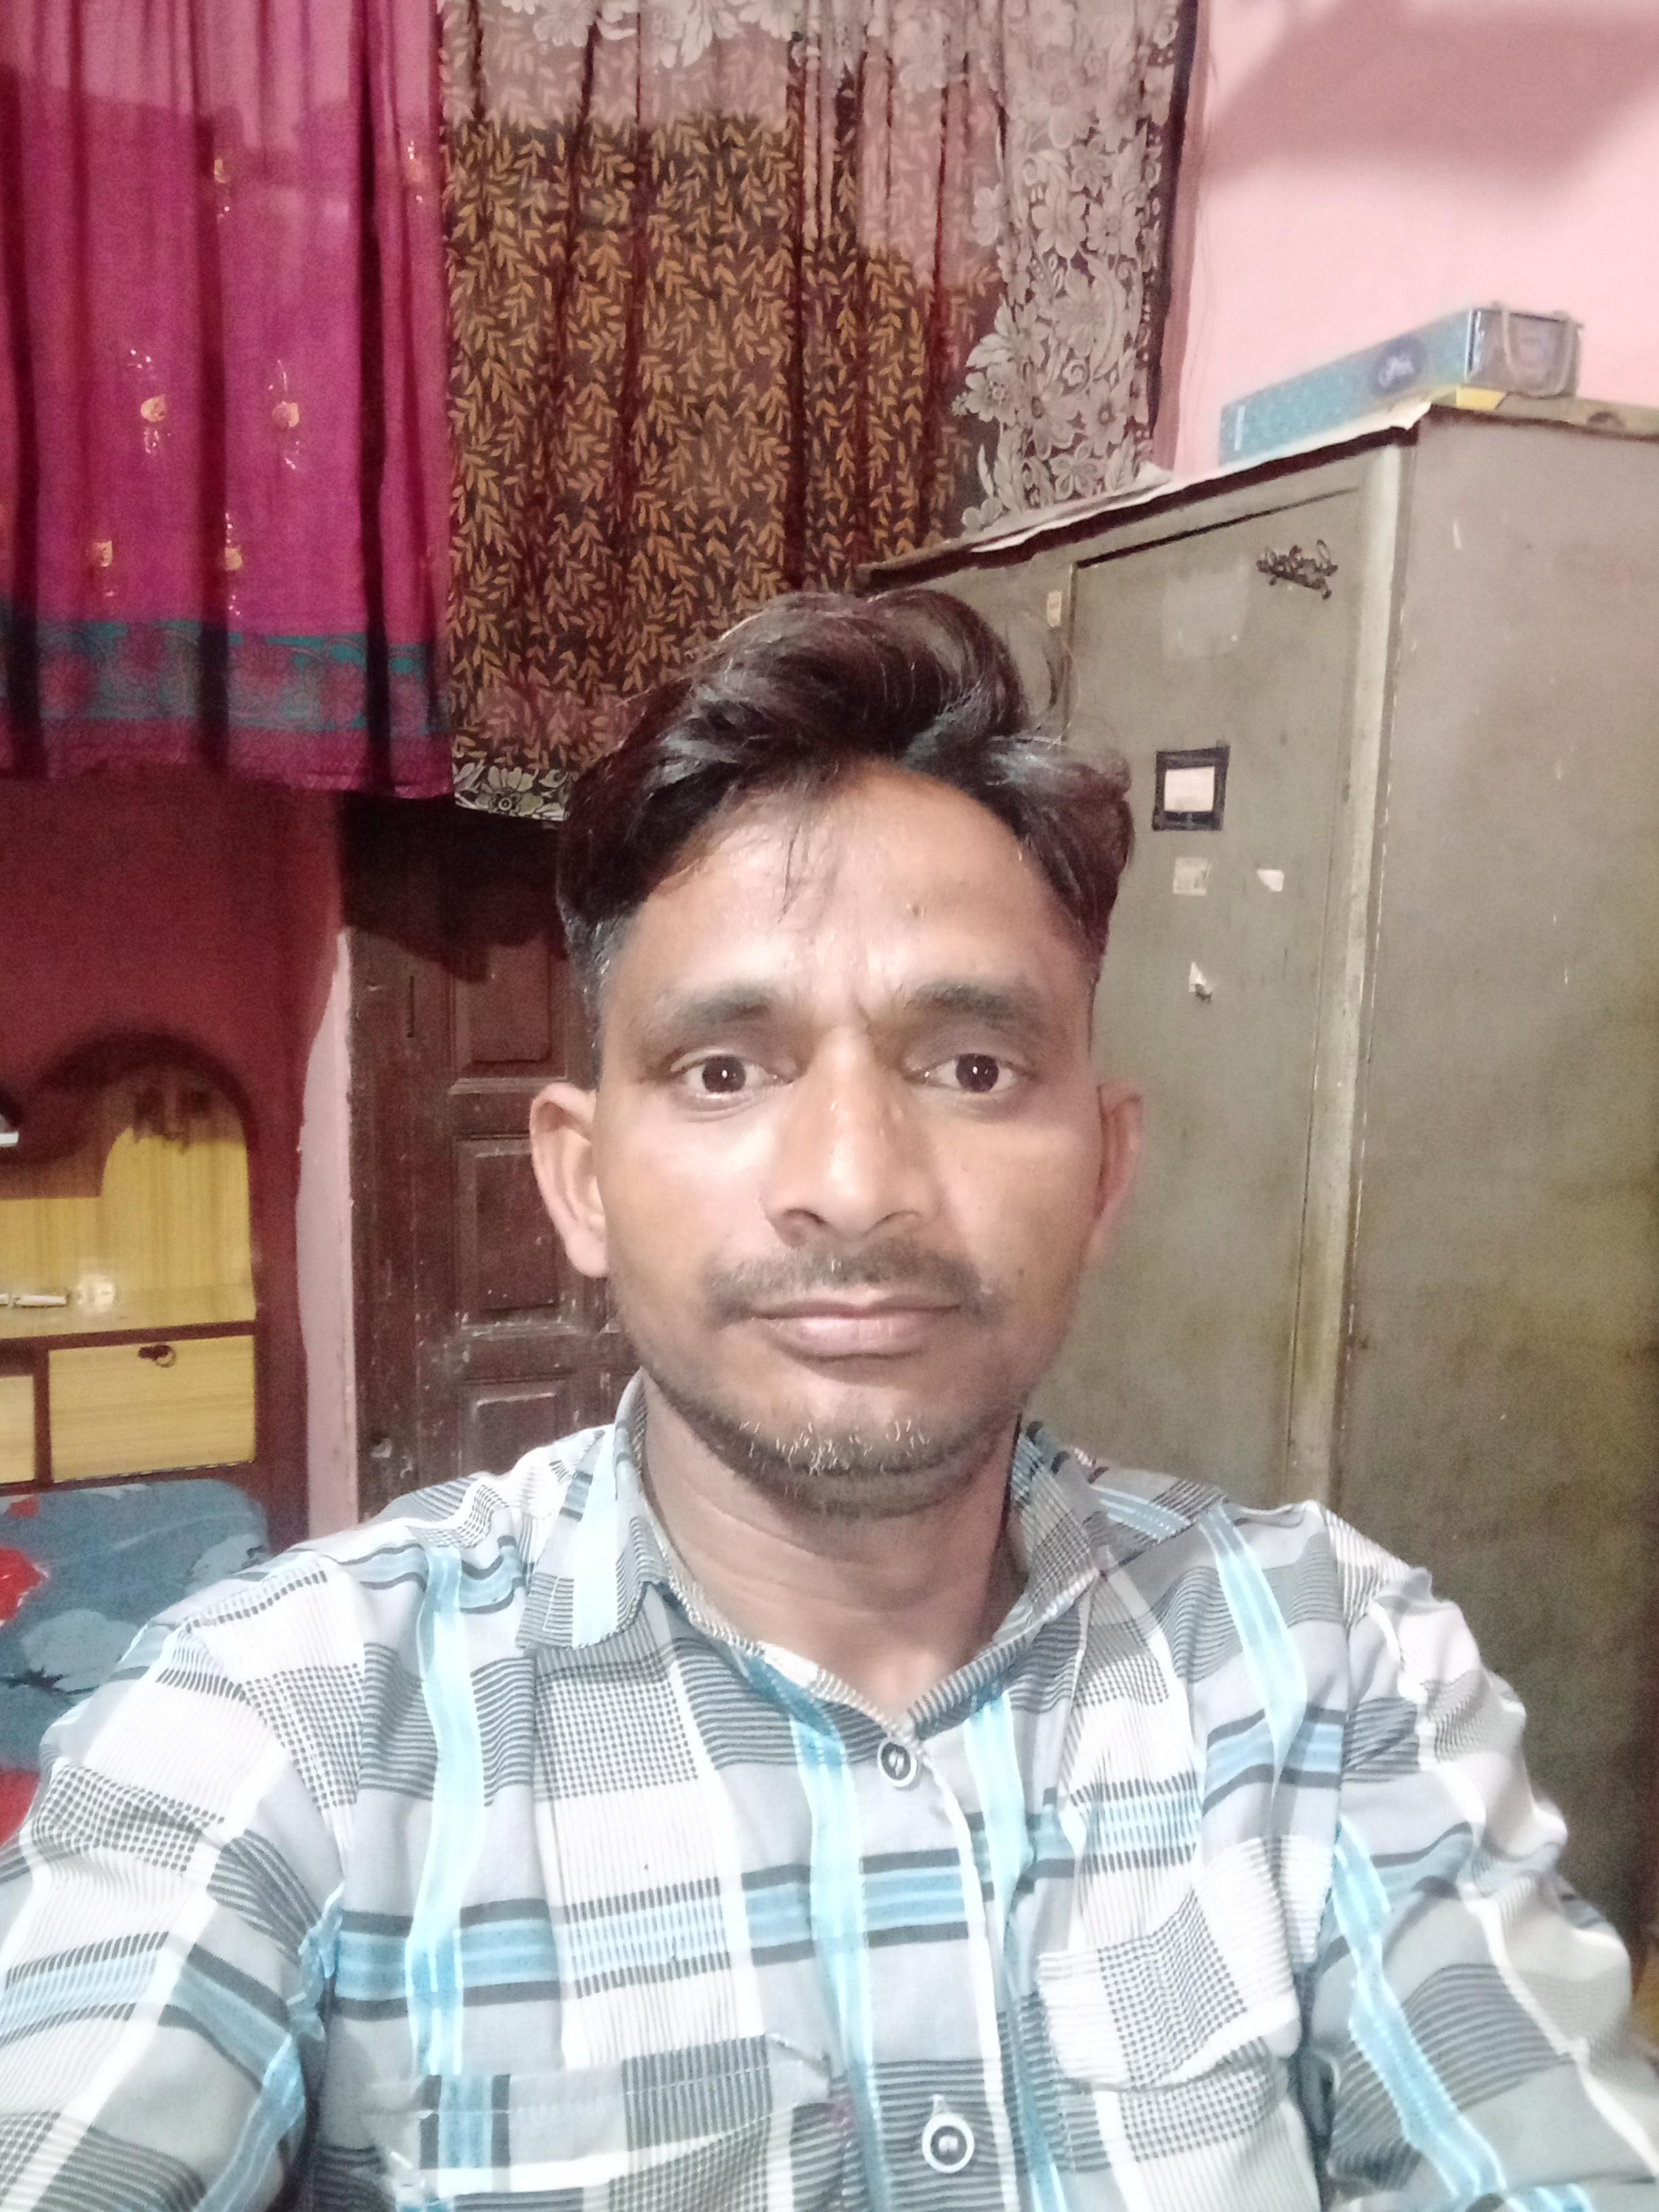 Sonu Sonu in Meerut